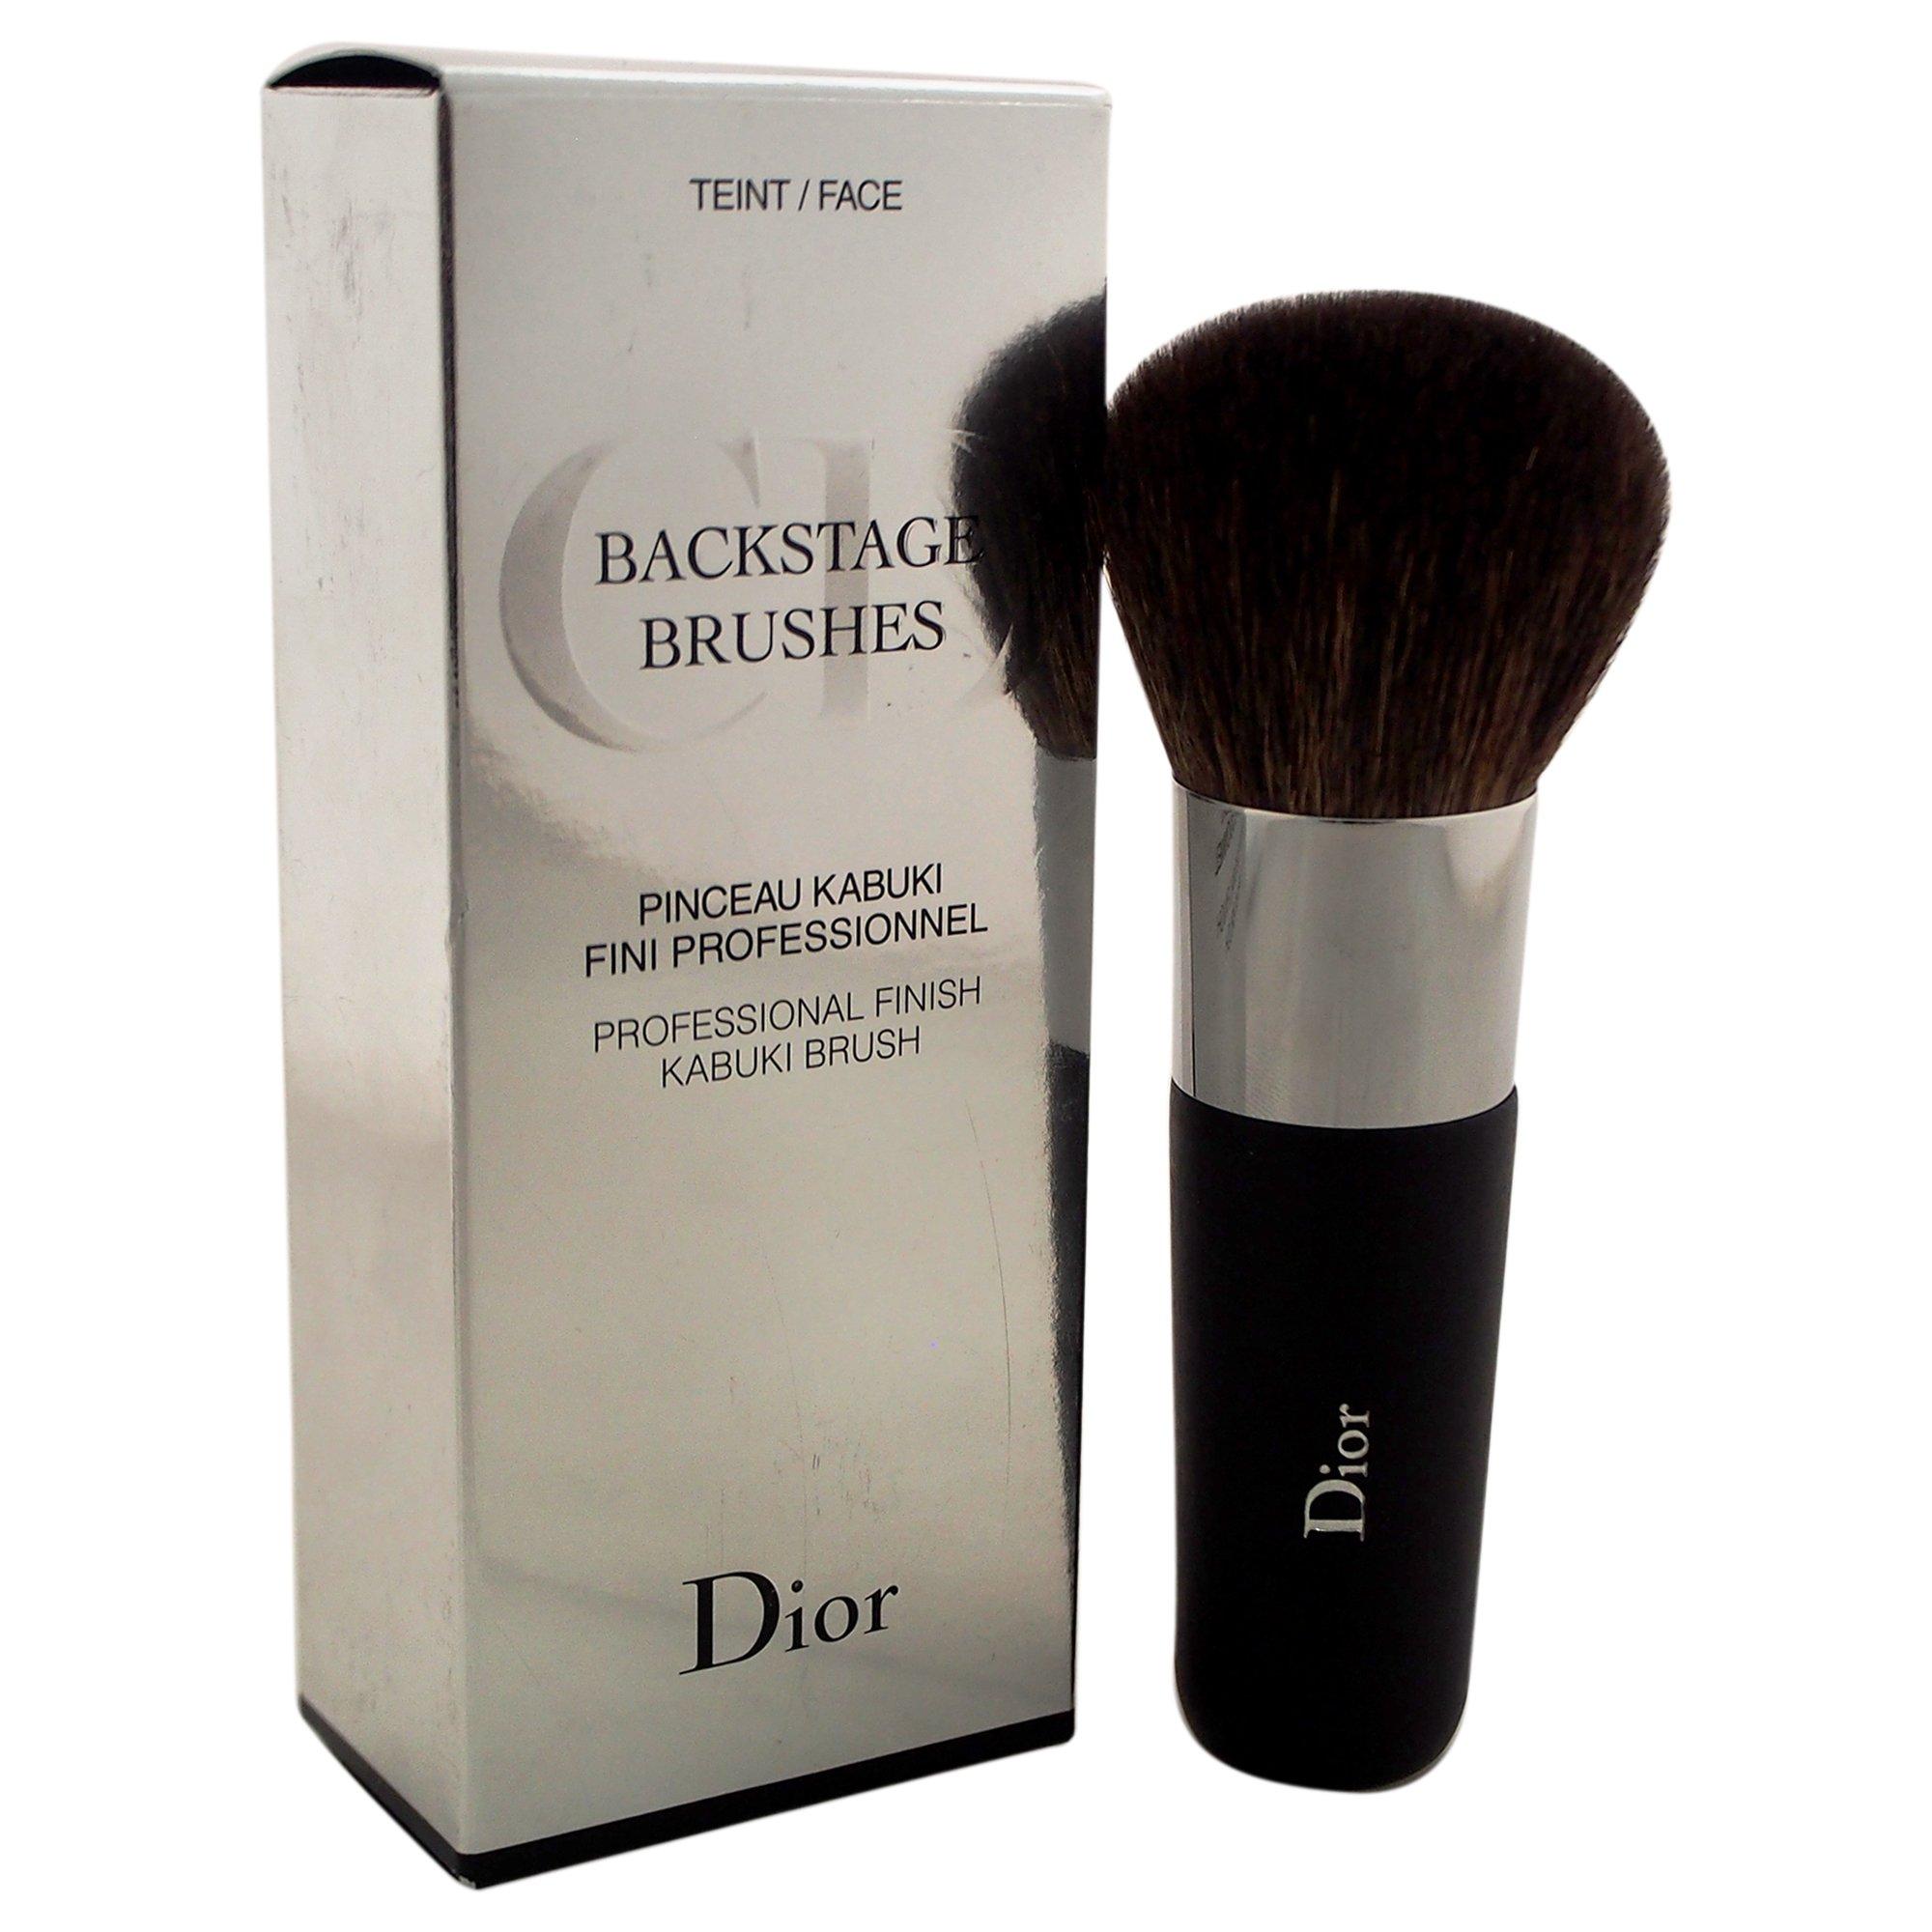 Christian Dior Backstage Brushes Professional Finish Women's Kabuki Brush